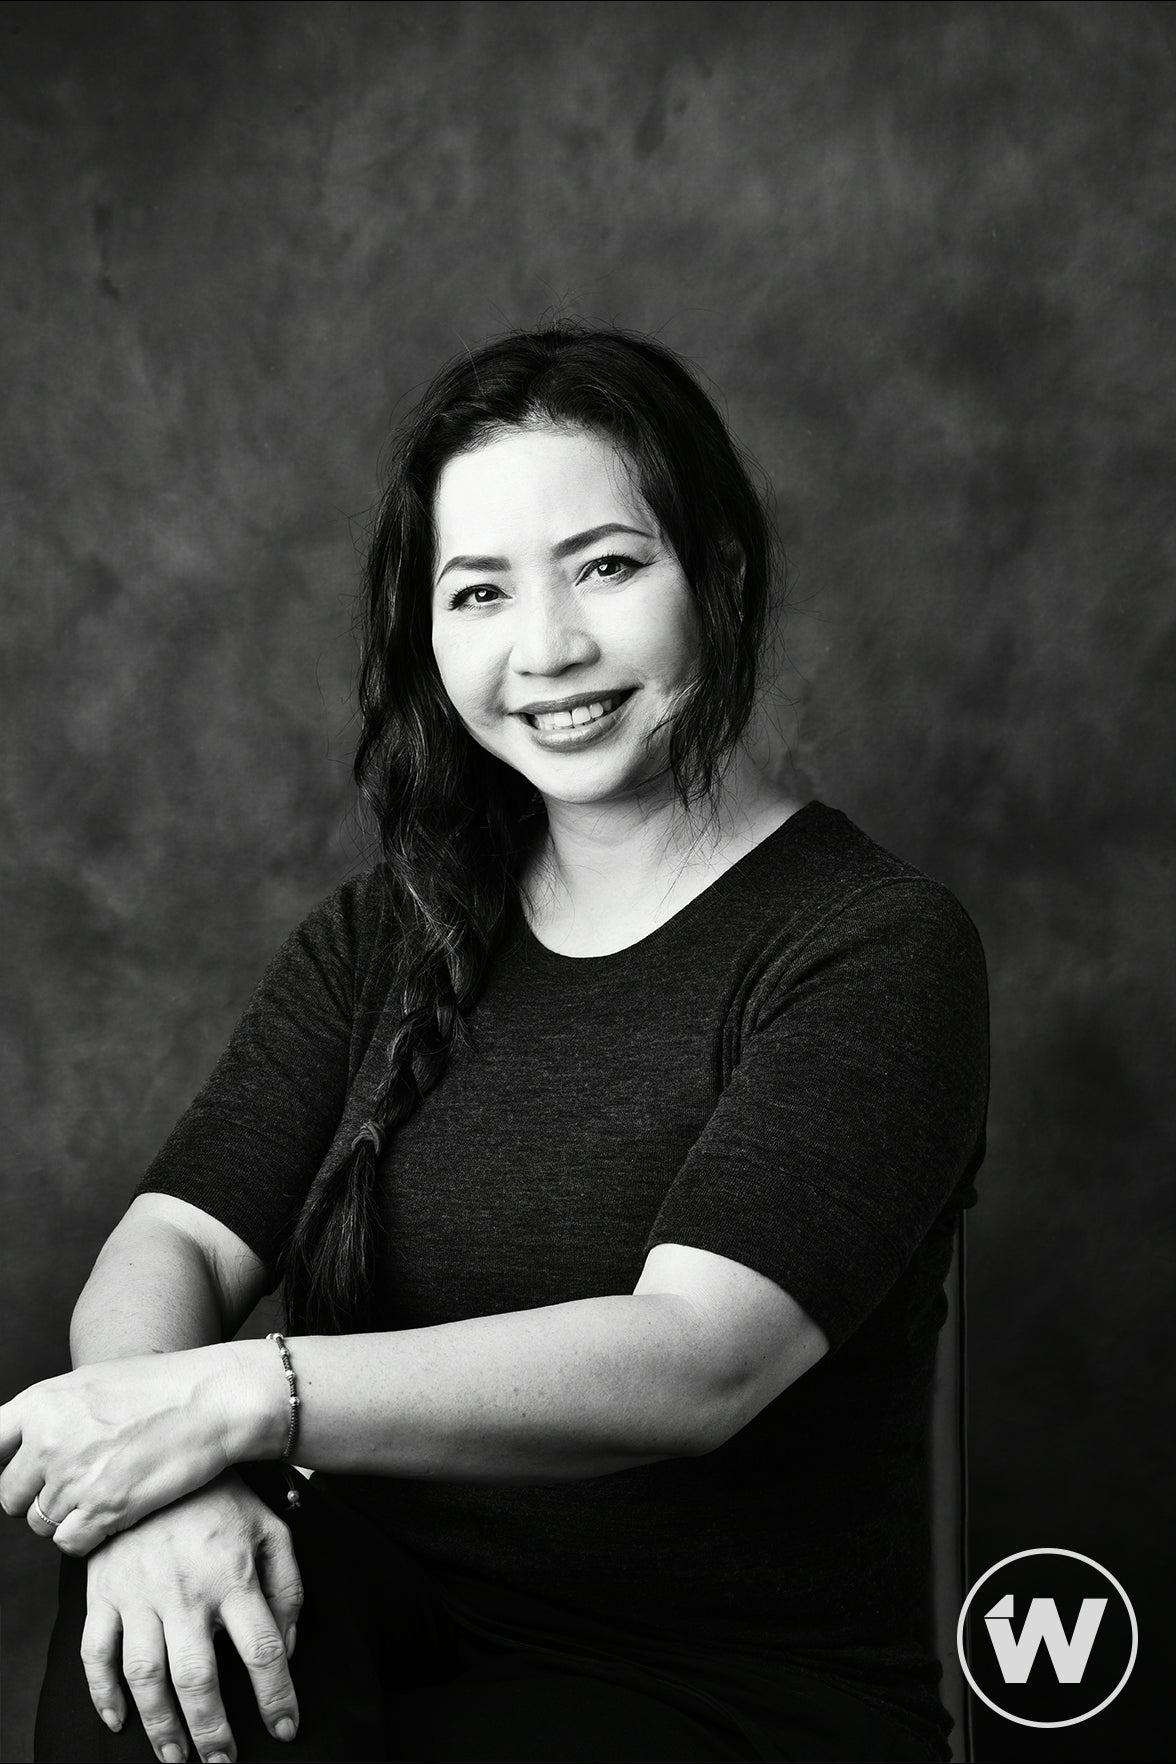 Nina Yang Bongiovi, TheGrill